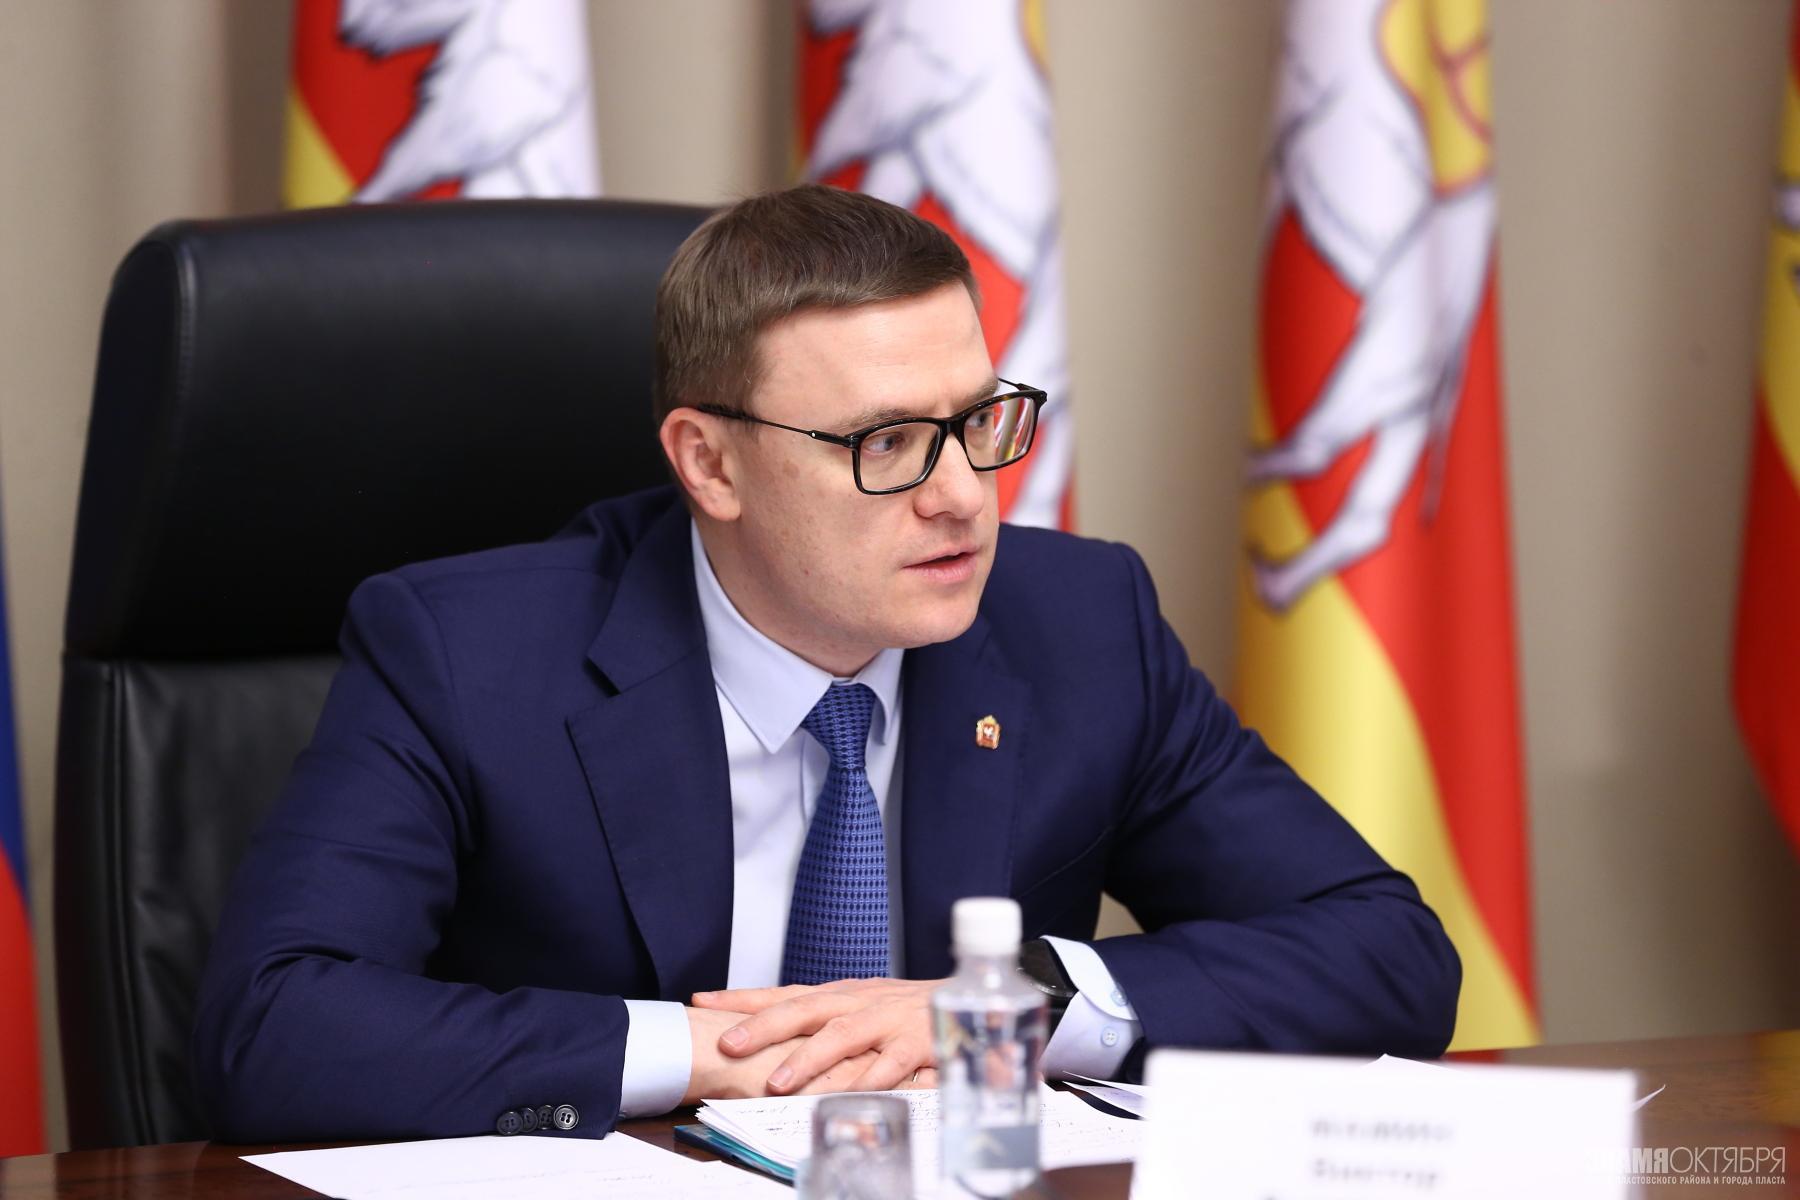 Алексей Текслерпоручил усилить контроль за соблюдением санитарно-эпидемиологических требований.